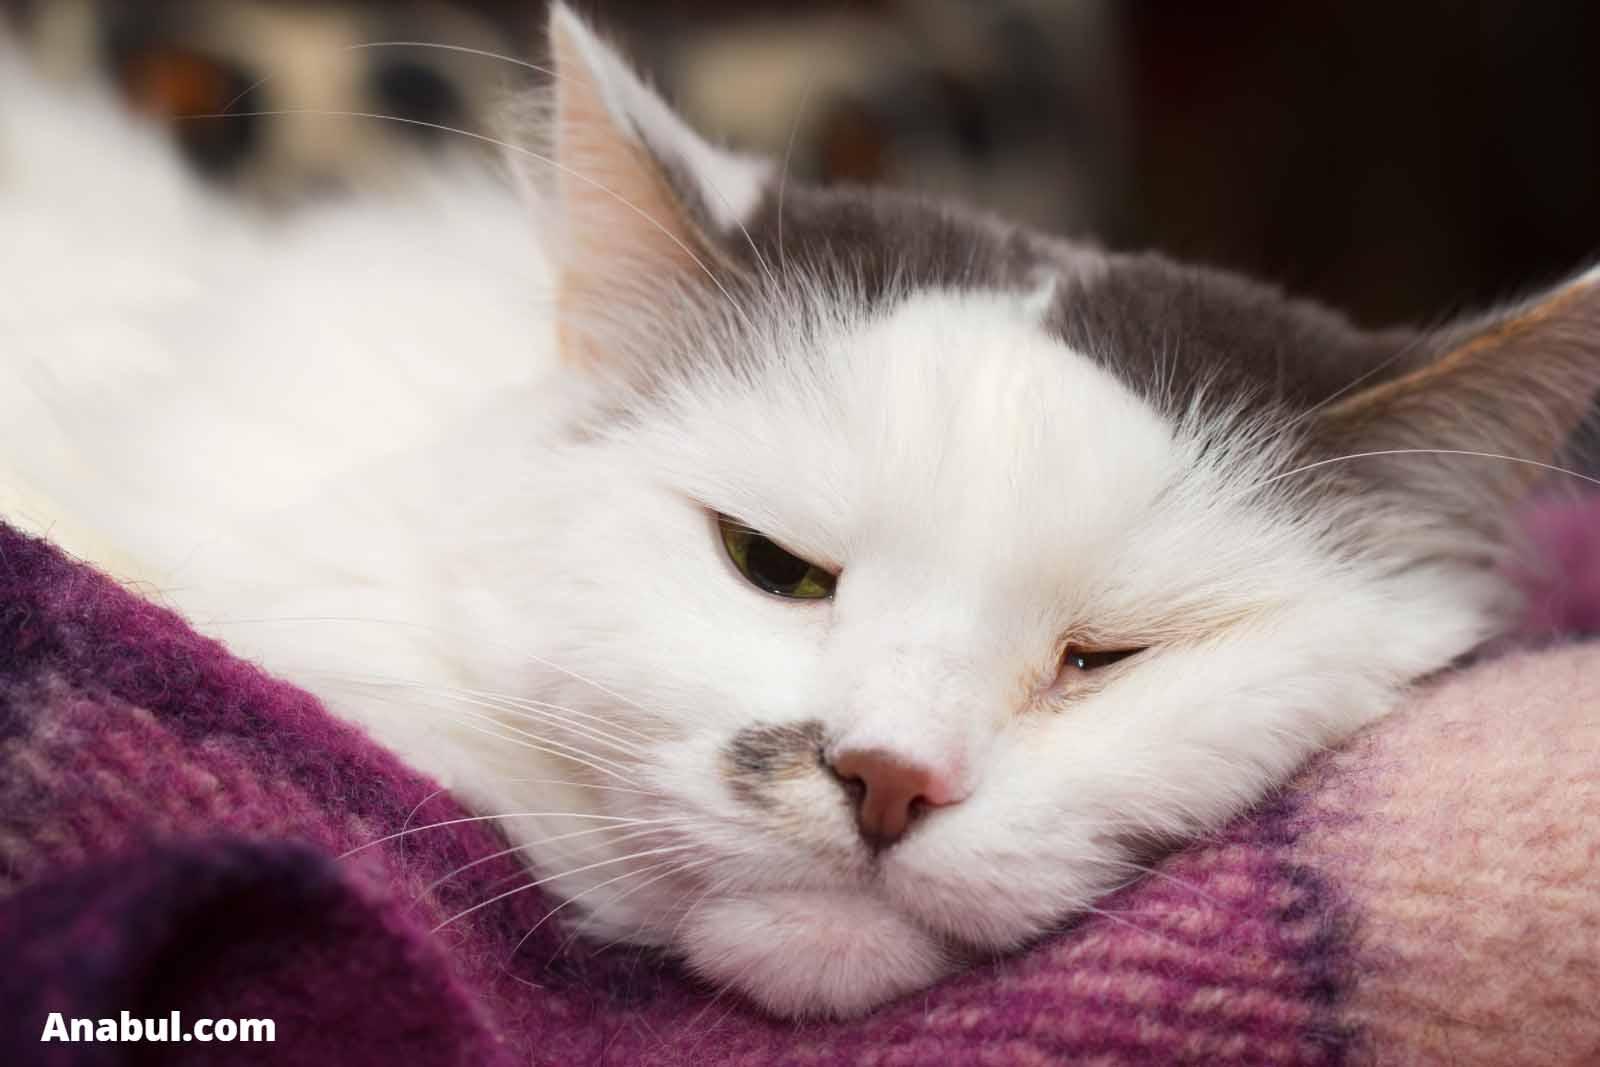 ciri kucing sakit